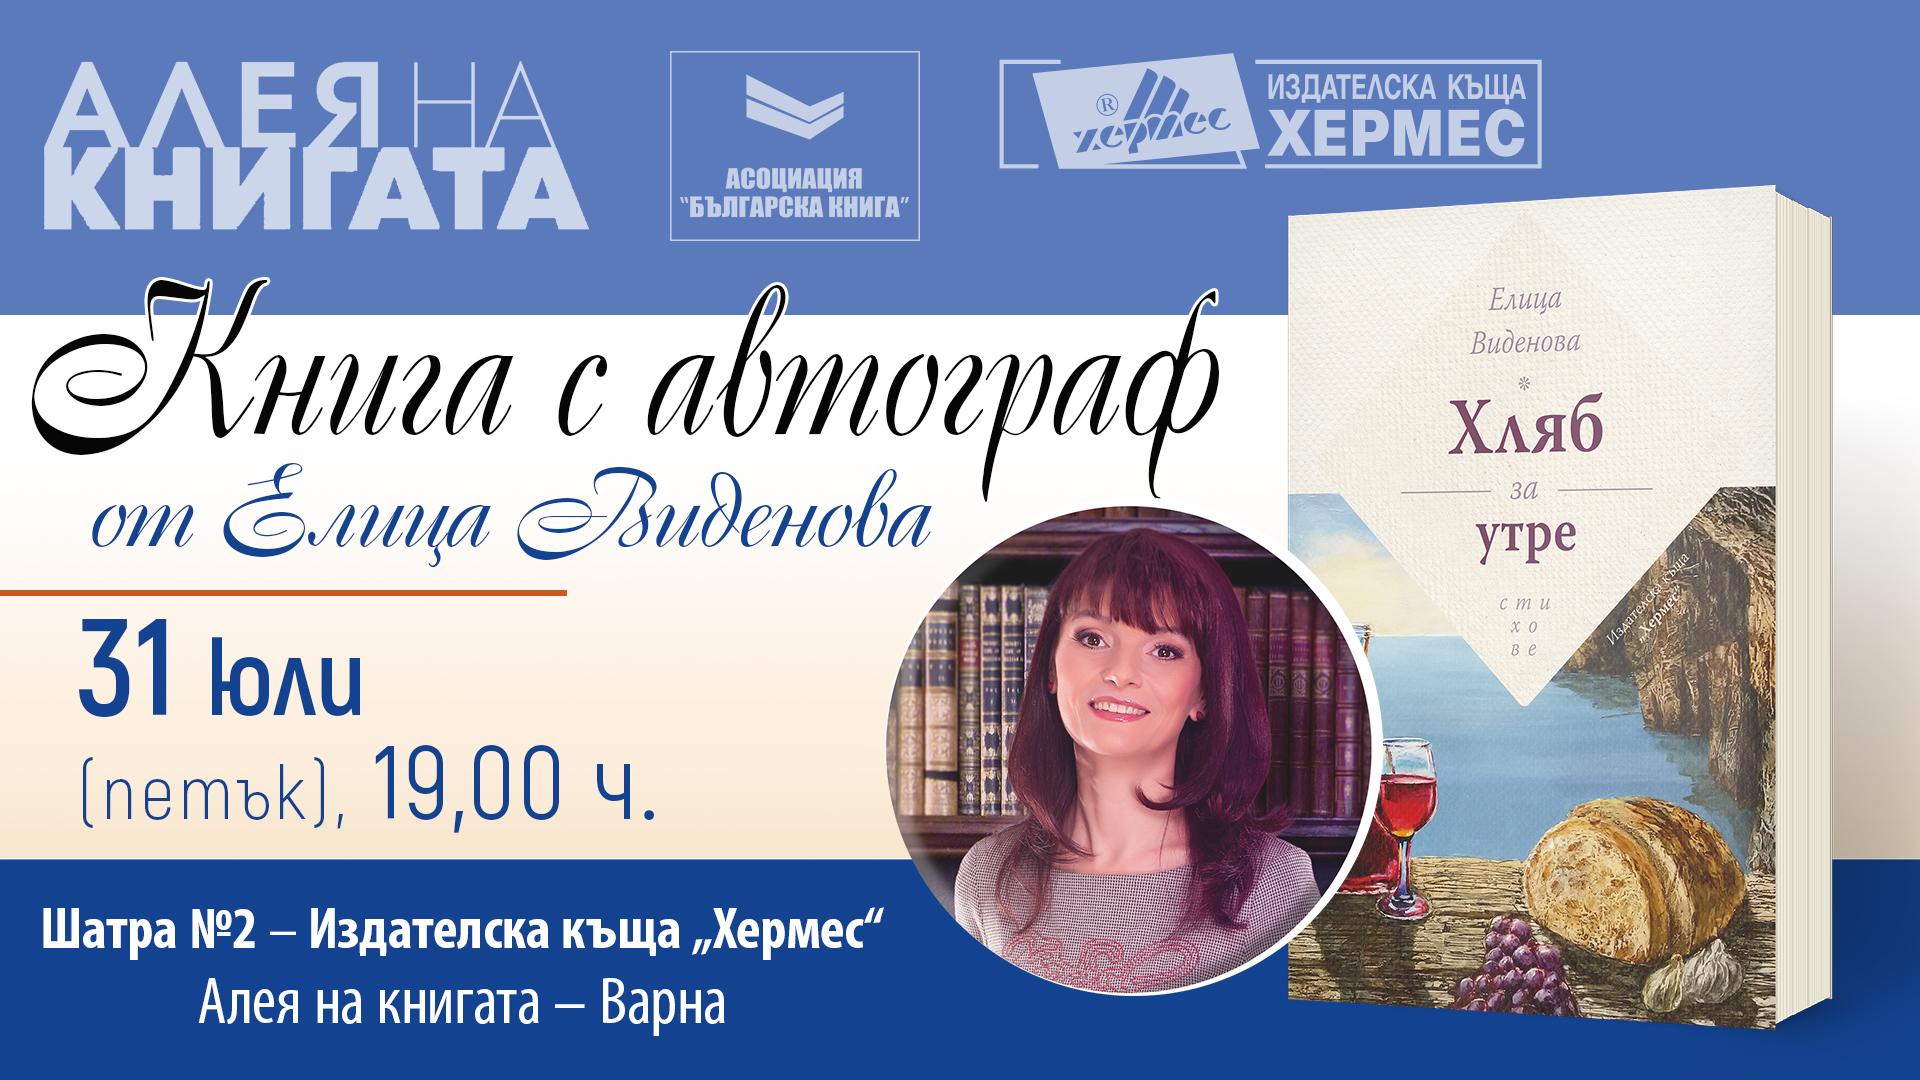 Книга с автограф от Елица Виденова